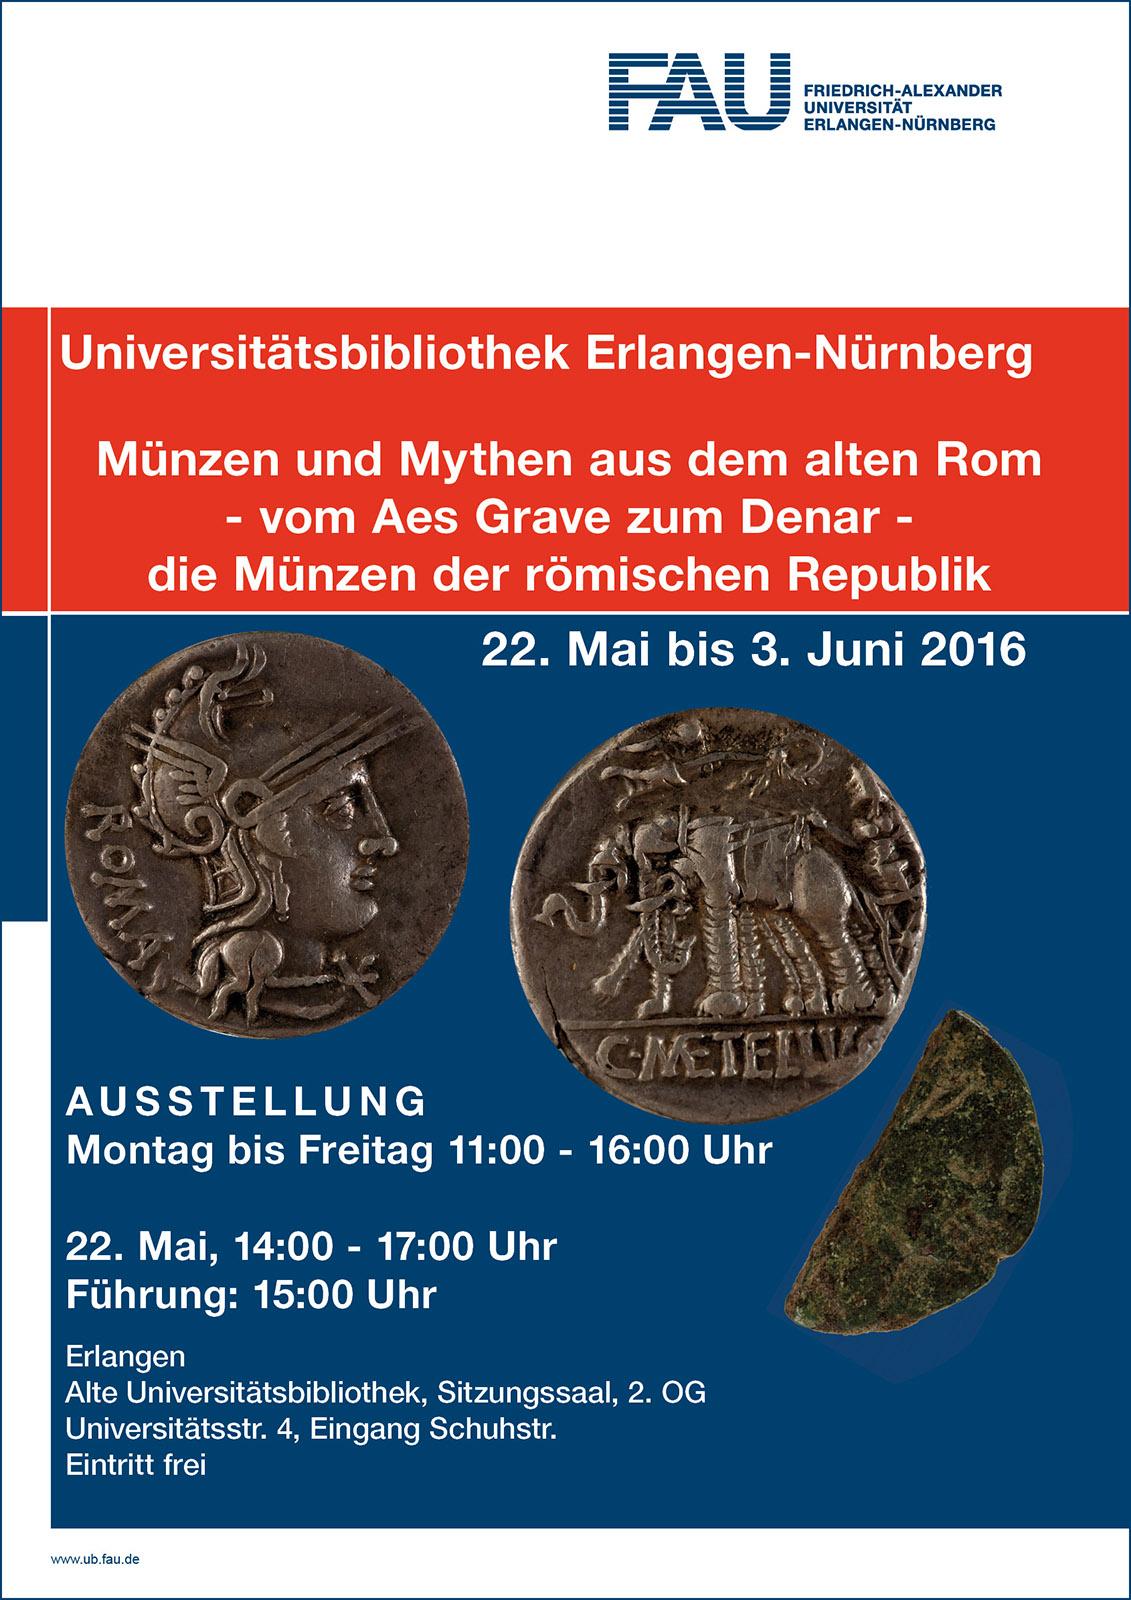 Münzen und Mythen Ausstellung UB